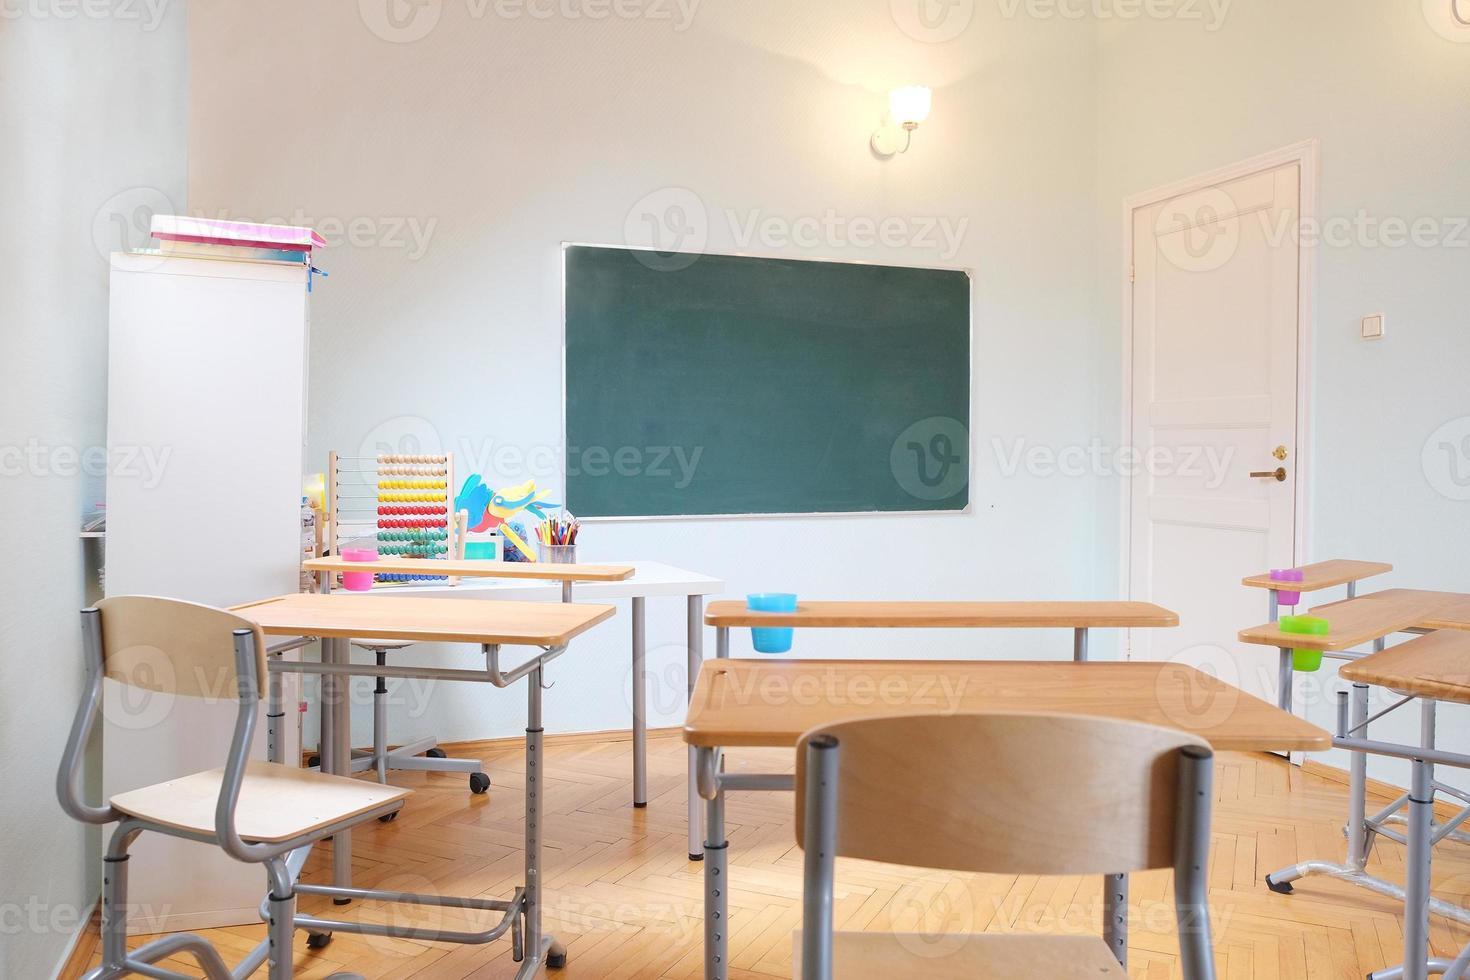 interno della classe foto